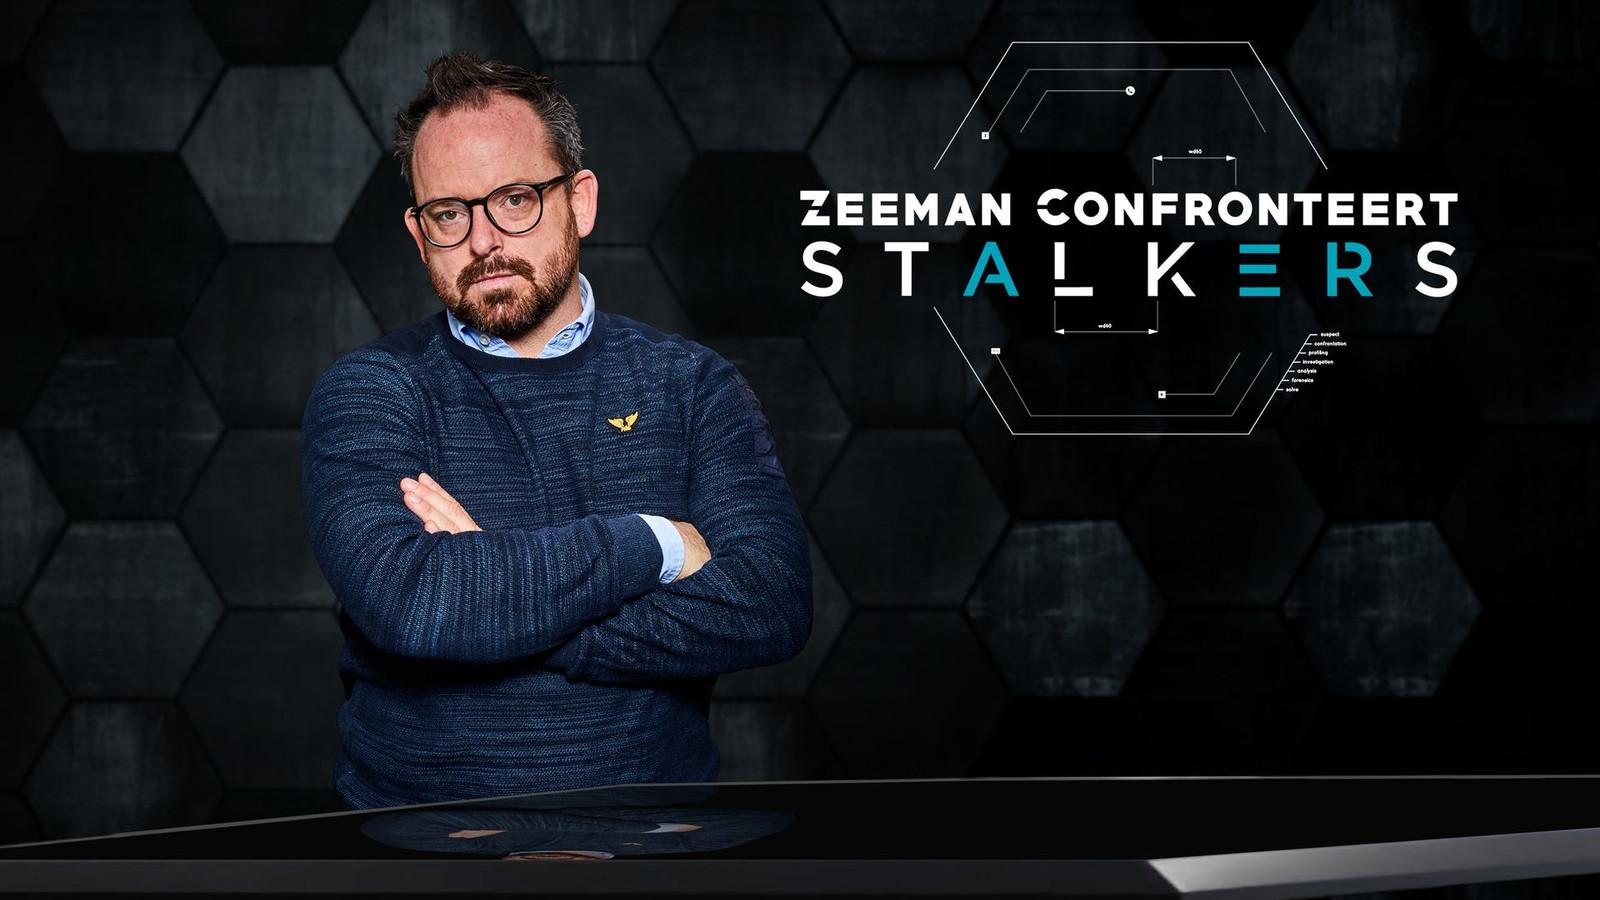 Zeeman Confronteert: Stalkers is vanavond om 20.30 uur te zien op RTL 5.